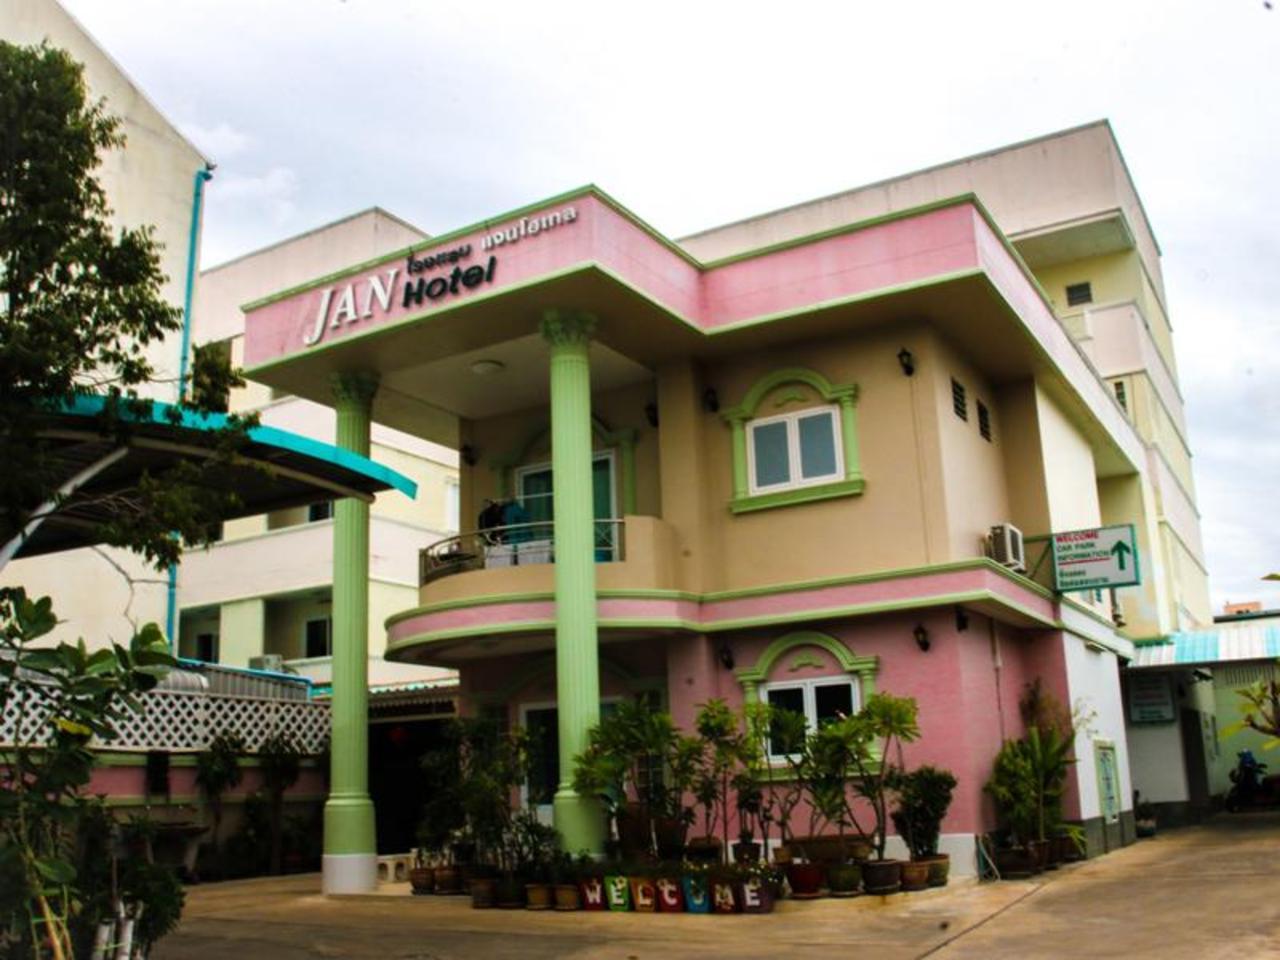 โรงแรมแจน (Jan Hotel)